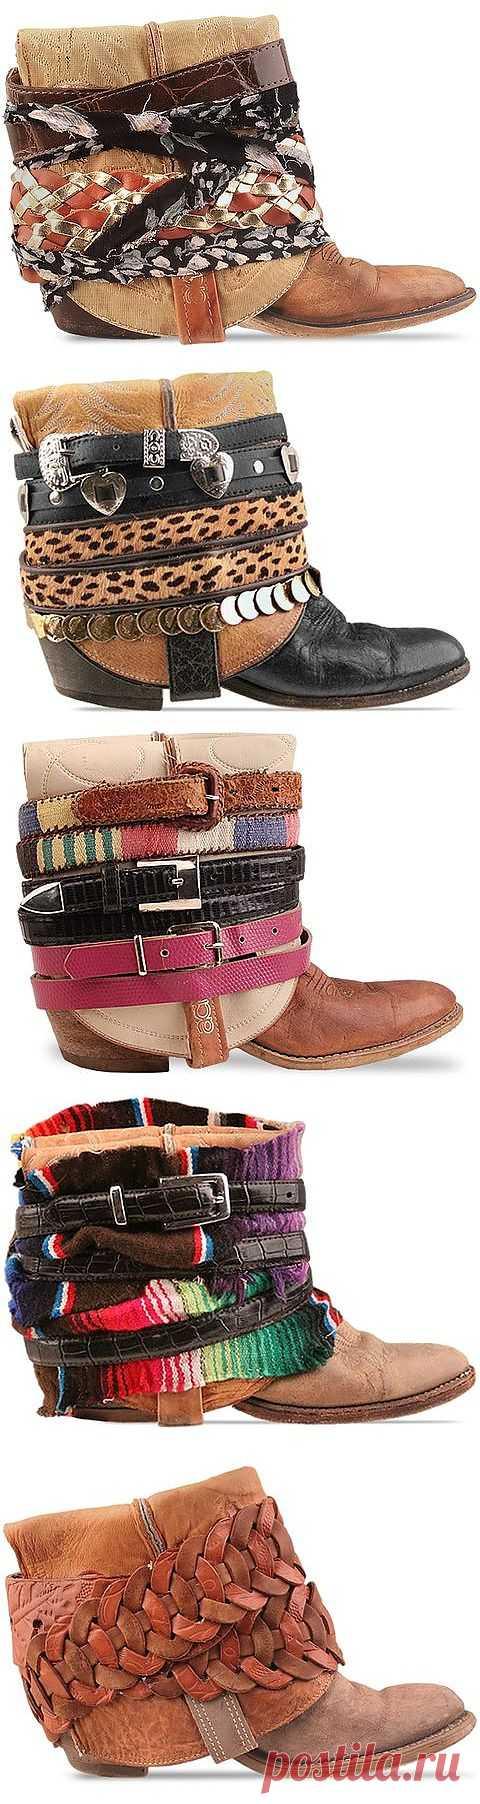 Переделка обуви (подборка) / Аксессуары (не украшения) / Модный сайт о стильной переделке одежды и интерьера